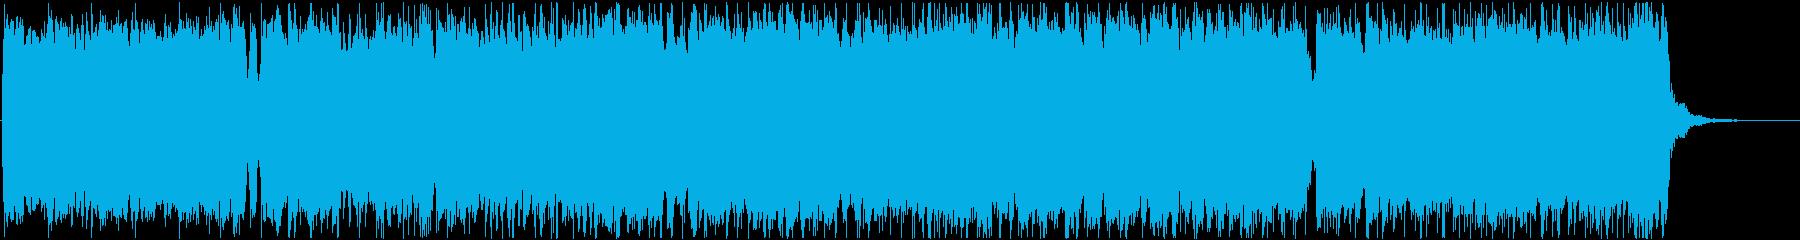 疾走感のある尺八の和風ロックバンドBGMの再生済みの波形